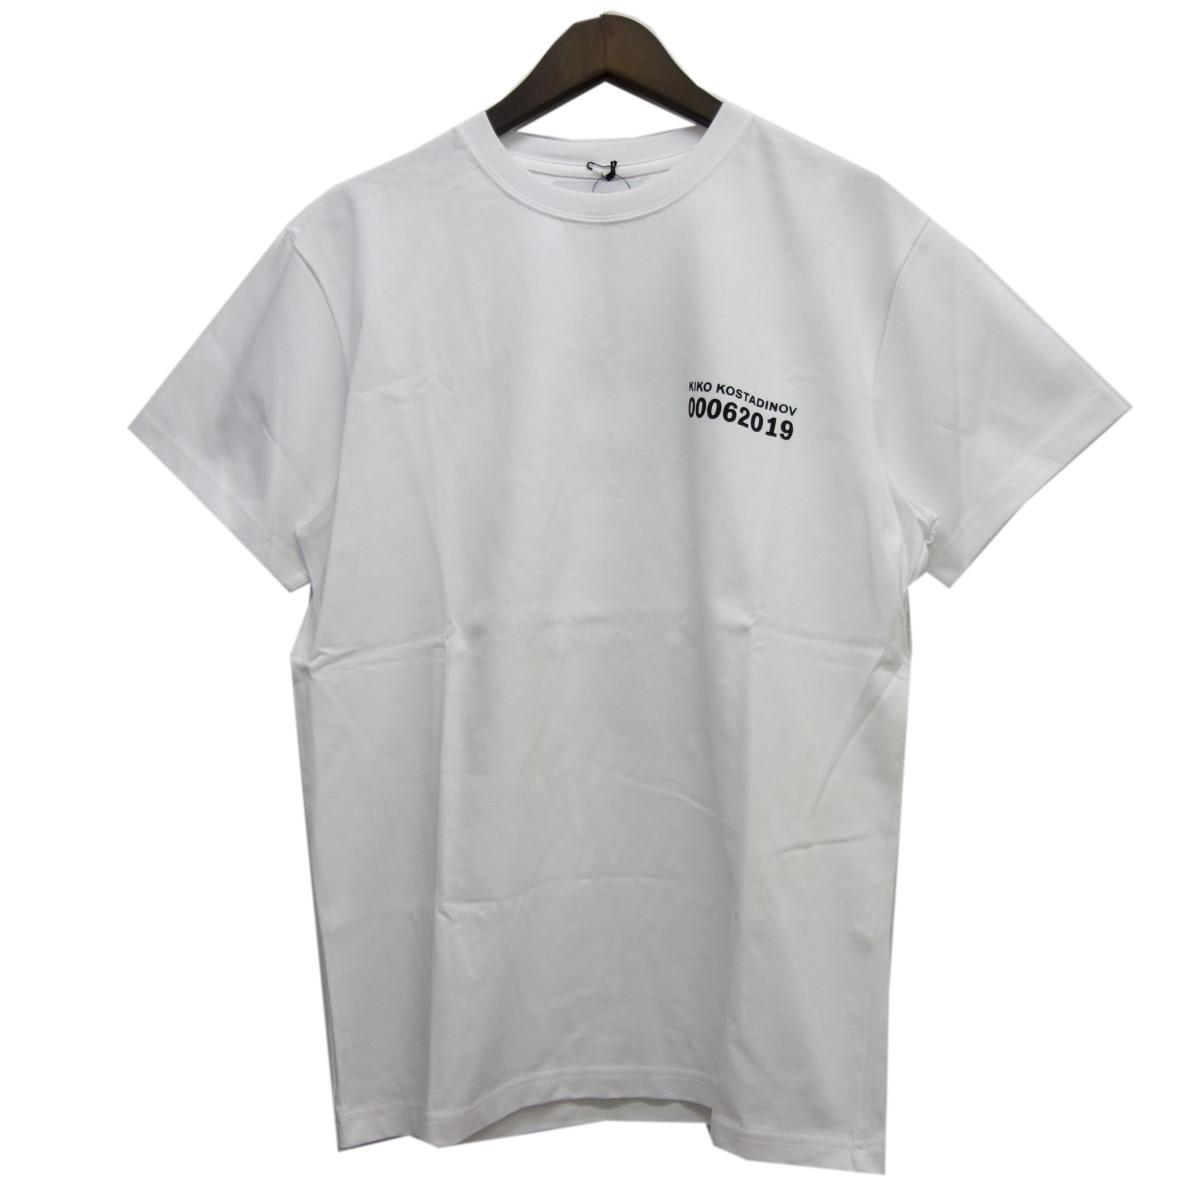 【中古】kiko kostadinov 19SS ロゴTシャツ ホワイト サイズ:M 【200420】(キコ コスタディノフ)